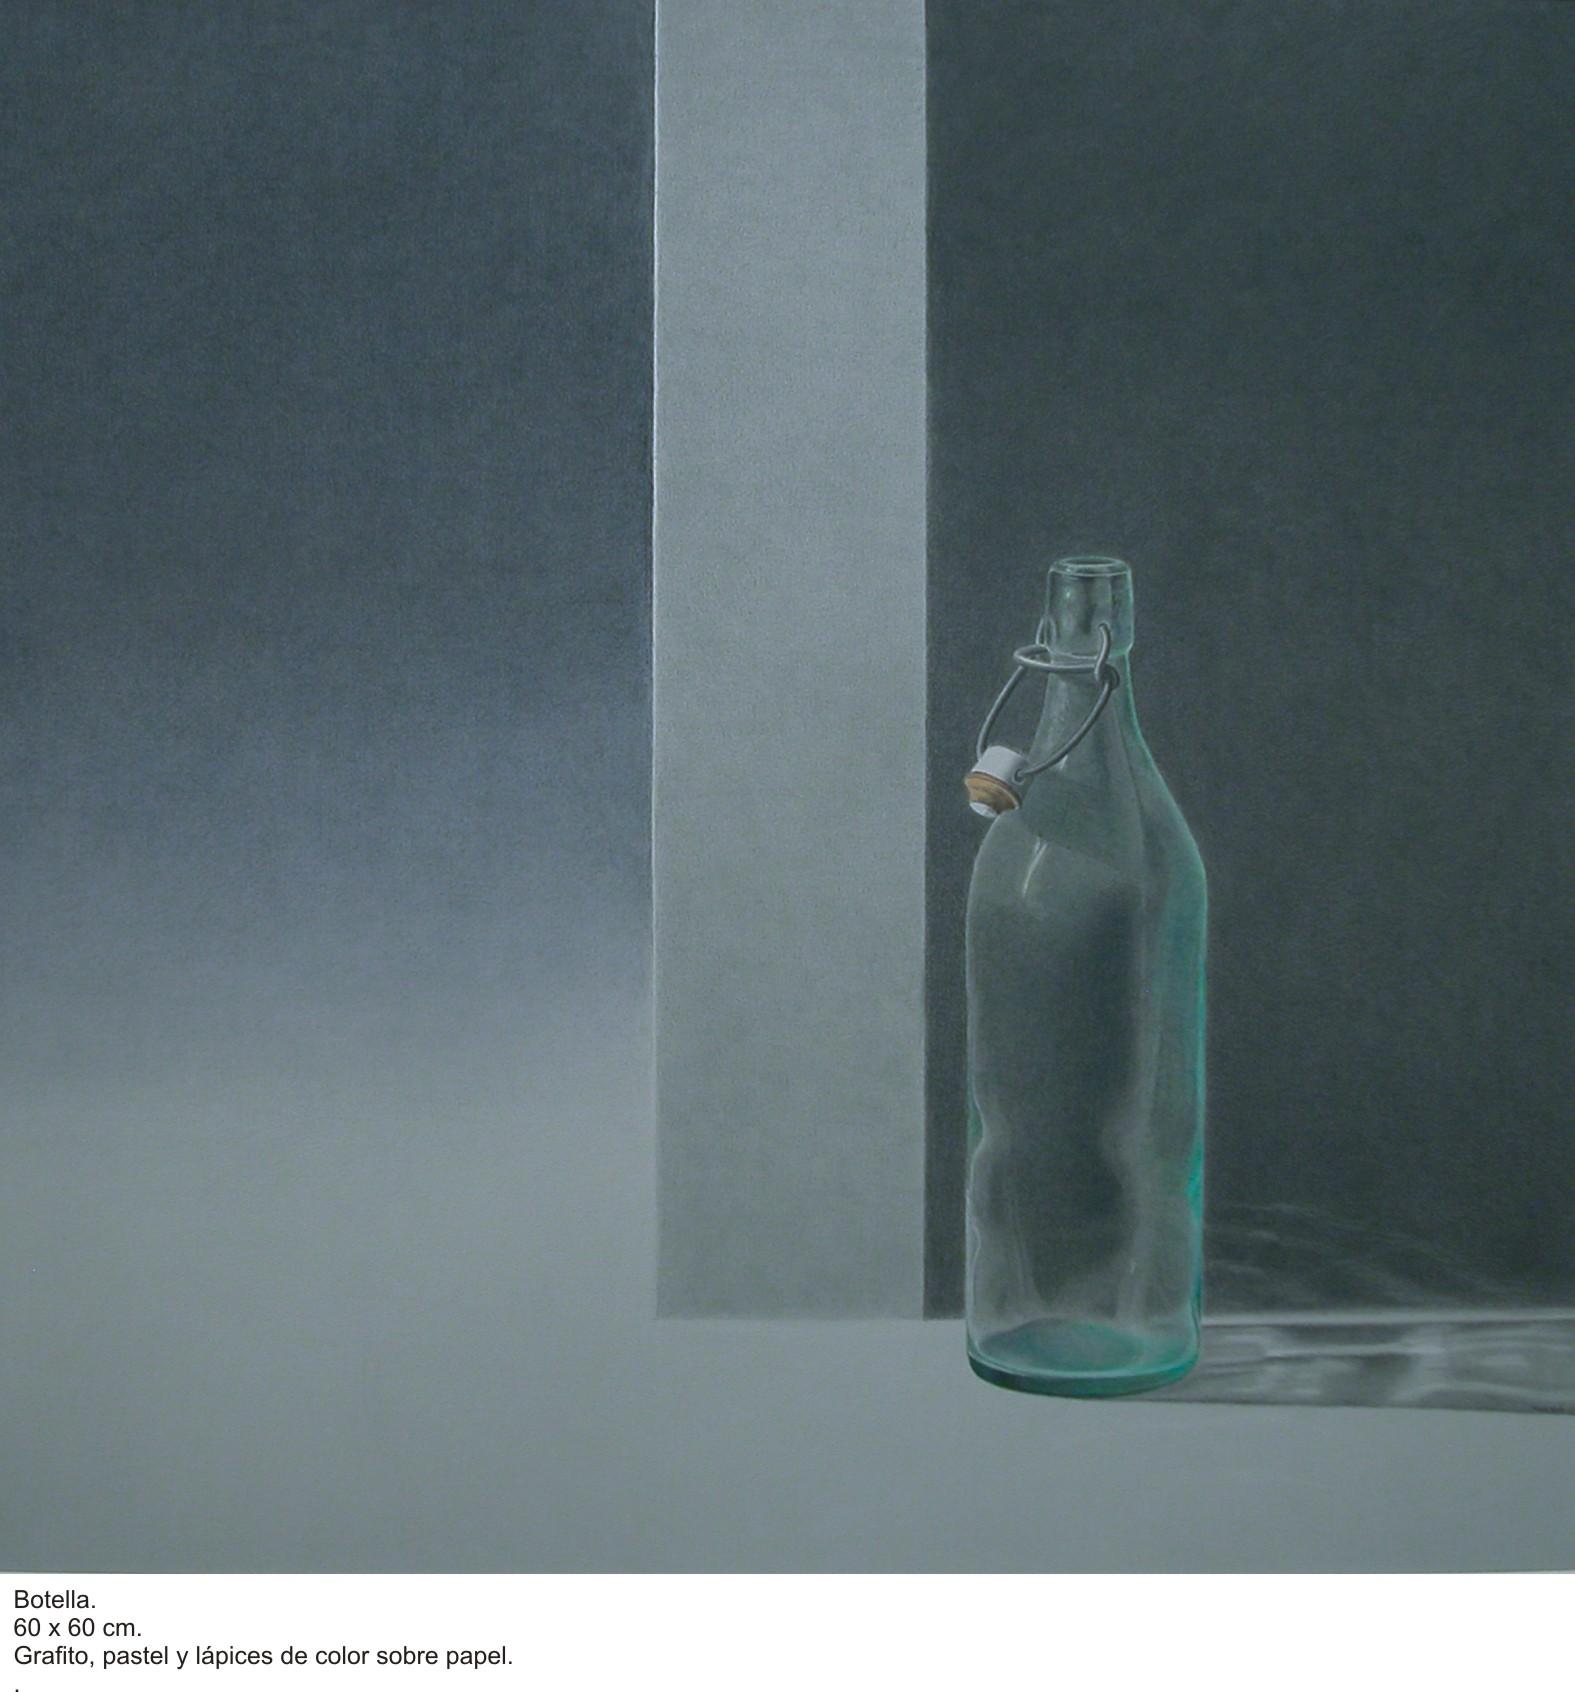 Botella (2016) - Angel Luis Muñoz Durán